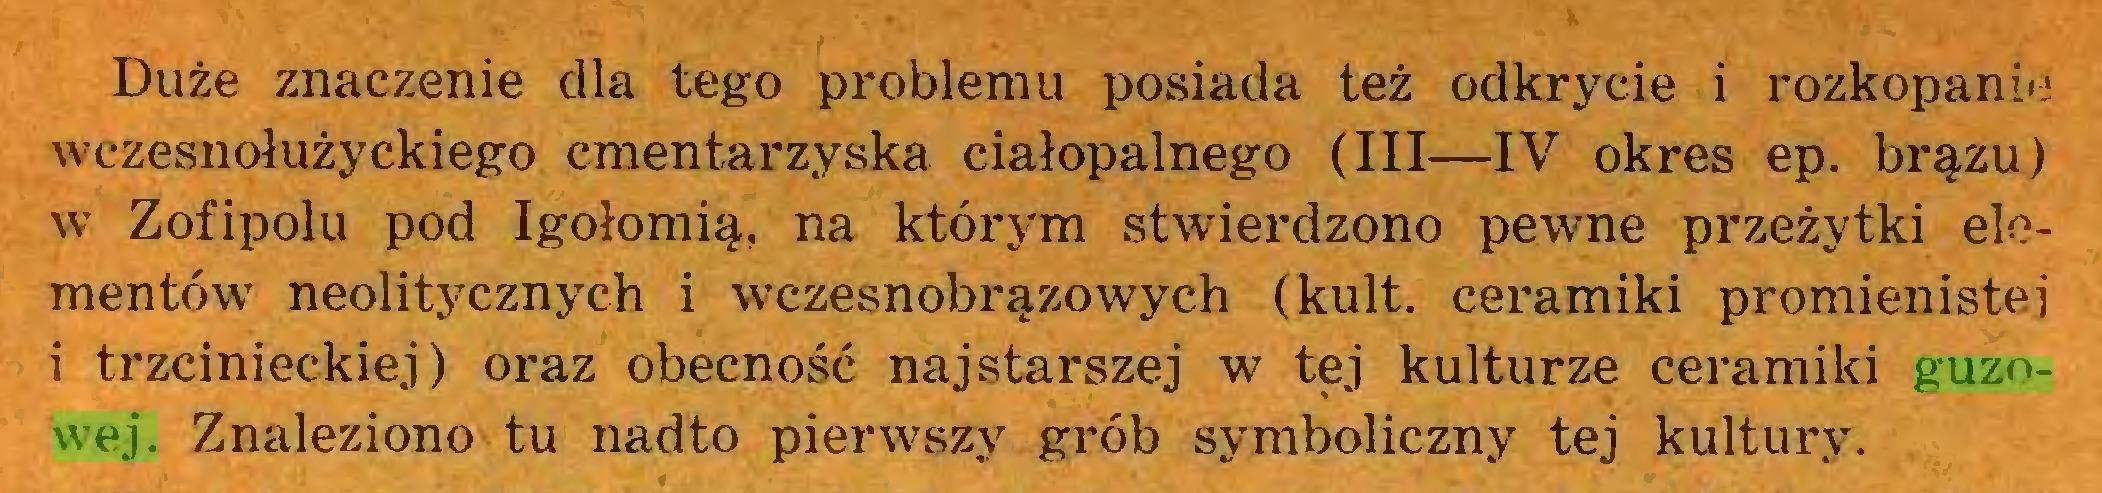 (...) Duże znaczenie dla tego problemu posiada też odkrycie i rozkopanie wczesnołużyckiego cmentarzyska ciałopalnego (III—IV okres ep. brązu) w Zofipolu pod Igołomią, na którym stwierdzono pewne przeżytki elementów neolitycznych i wczesnobrązowych (kult. ceramiki promienistej i trzcinieckiej) oraz obecność najstarszej w tej kulturze ceramiki guzowej. Znaleziono tu nadto pierwszy grób symboliczny tej kultury...